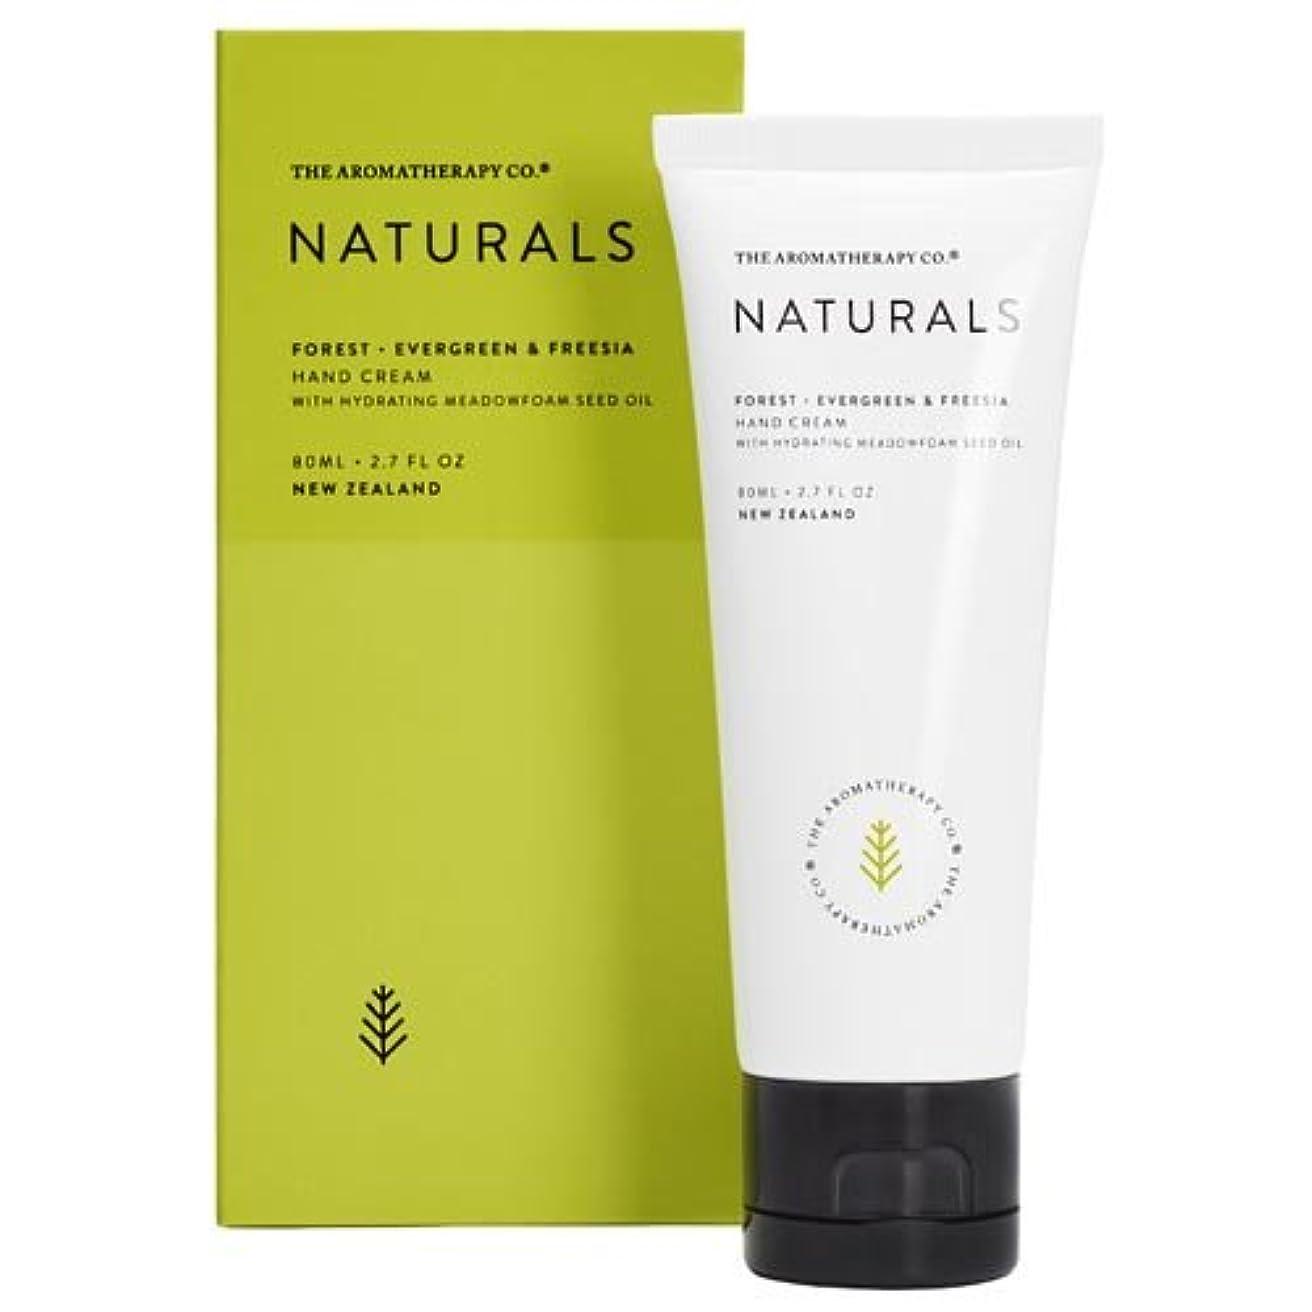 不一致融合平和的new NATURALS ナチュラルズ Hand Cream ハンドクリーム Forest フォレスト(森林)Evergreen & Freesia エバーグリーン&フリージア